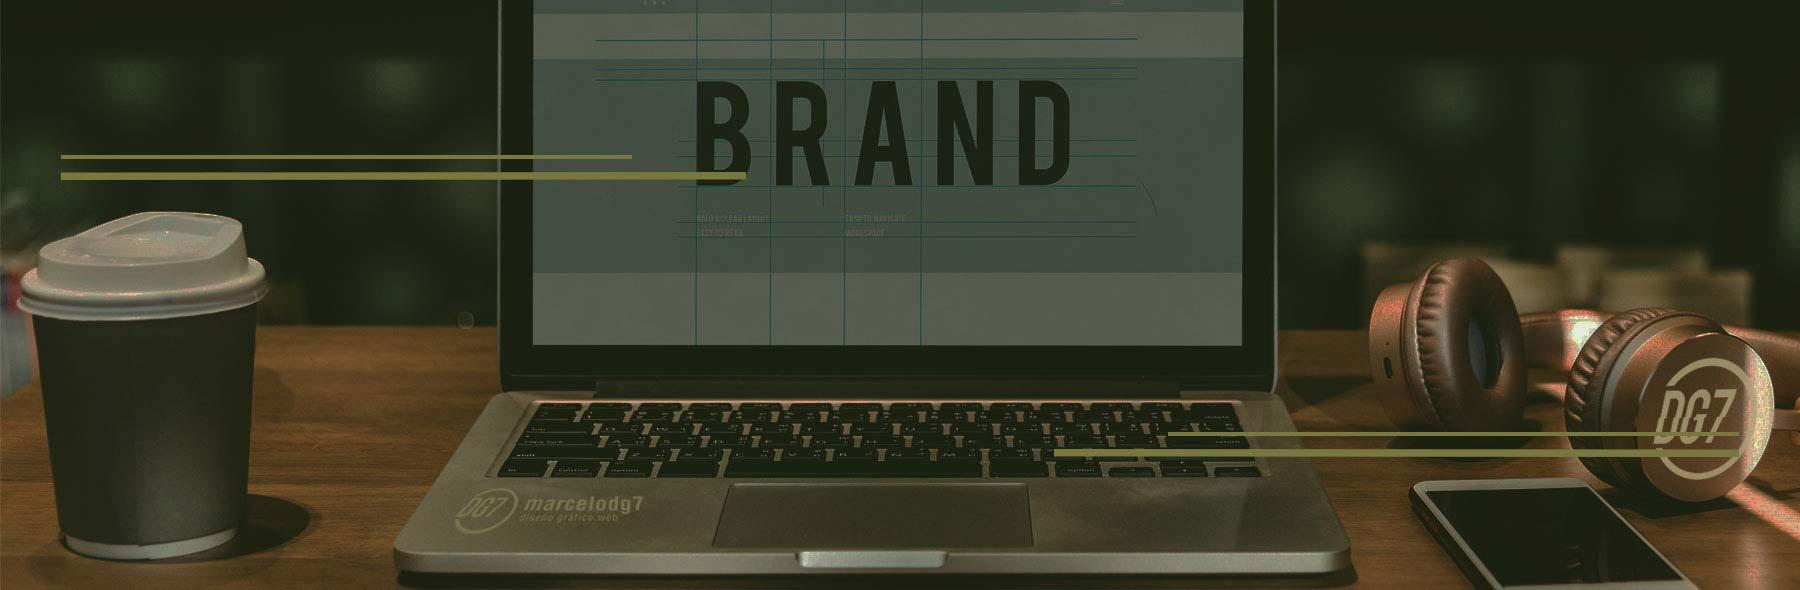 Mas de 15 años diseñando logotipos